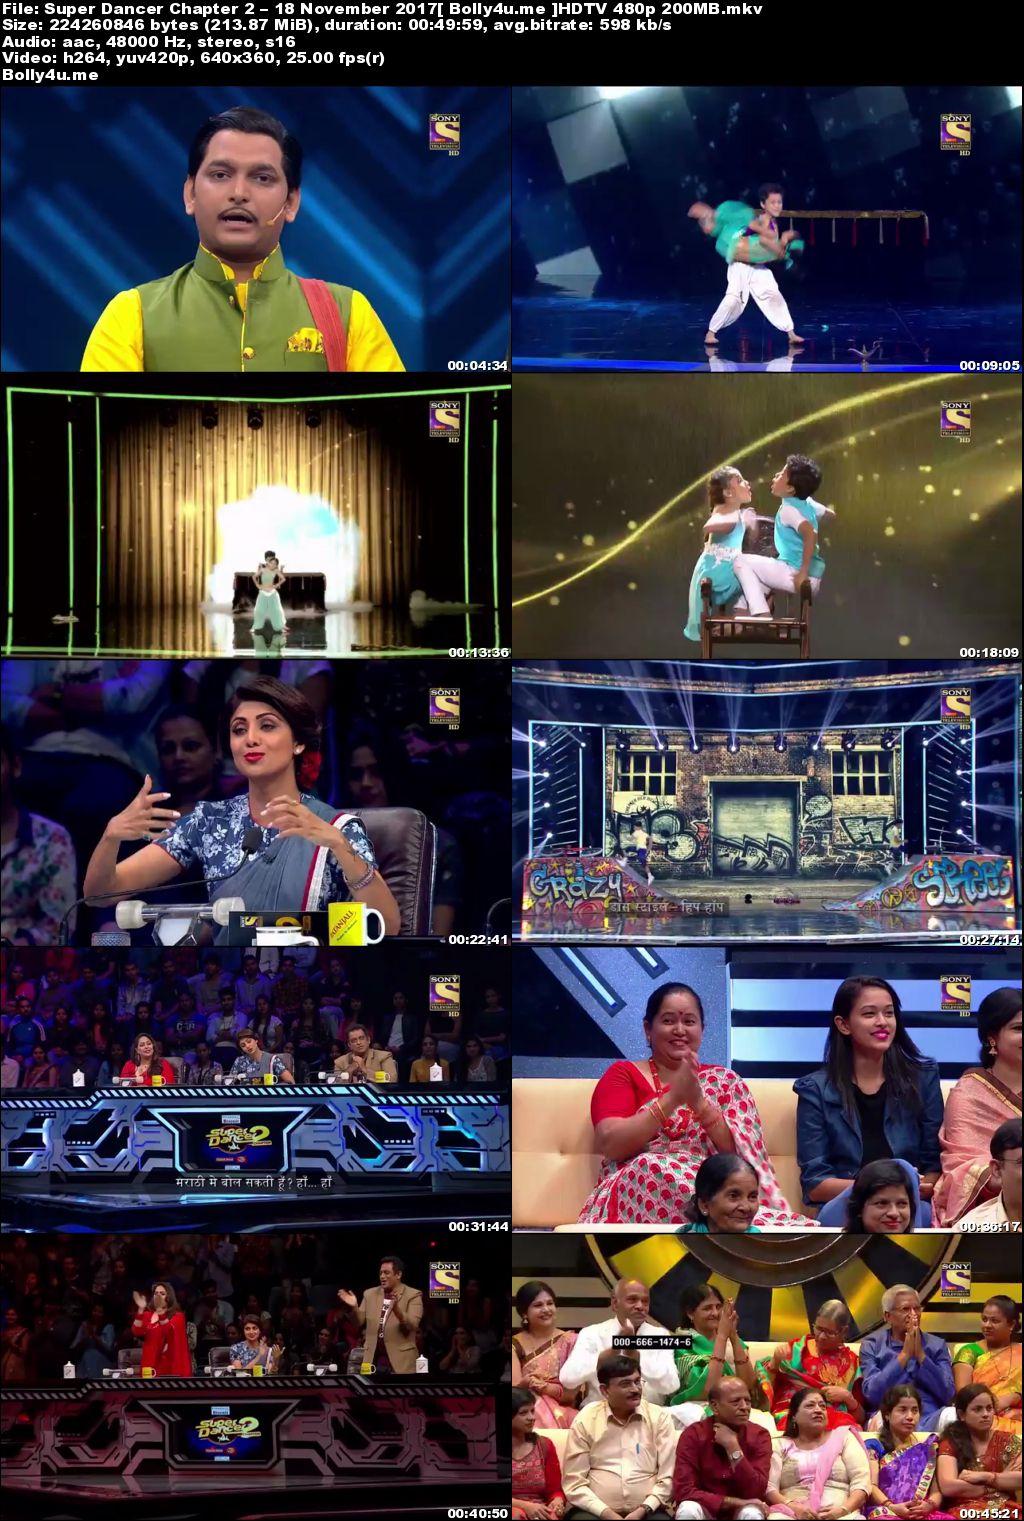 Super Dancer Chapter 2 HDTV 480p 200MB 18 November 2017 Download